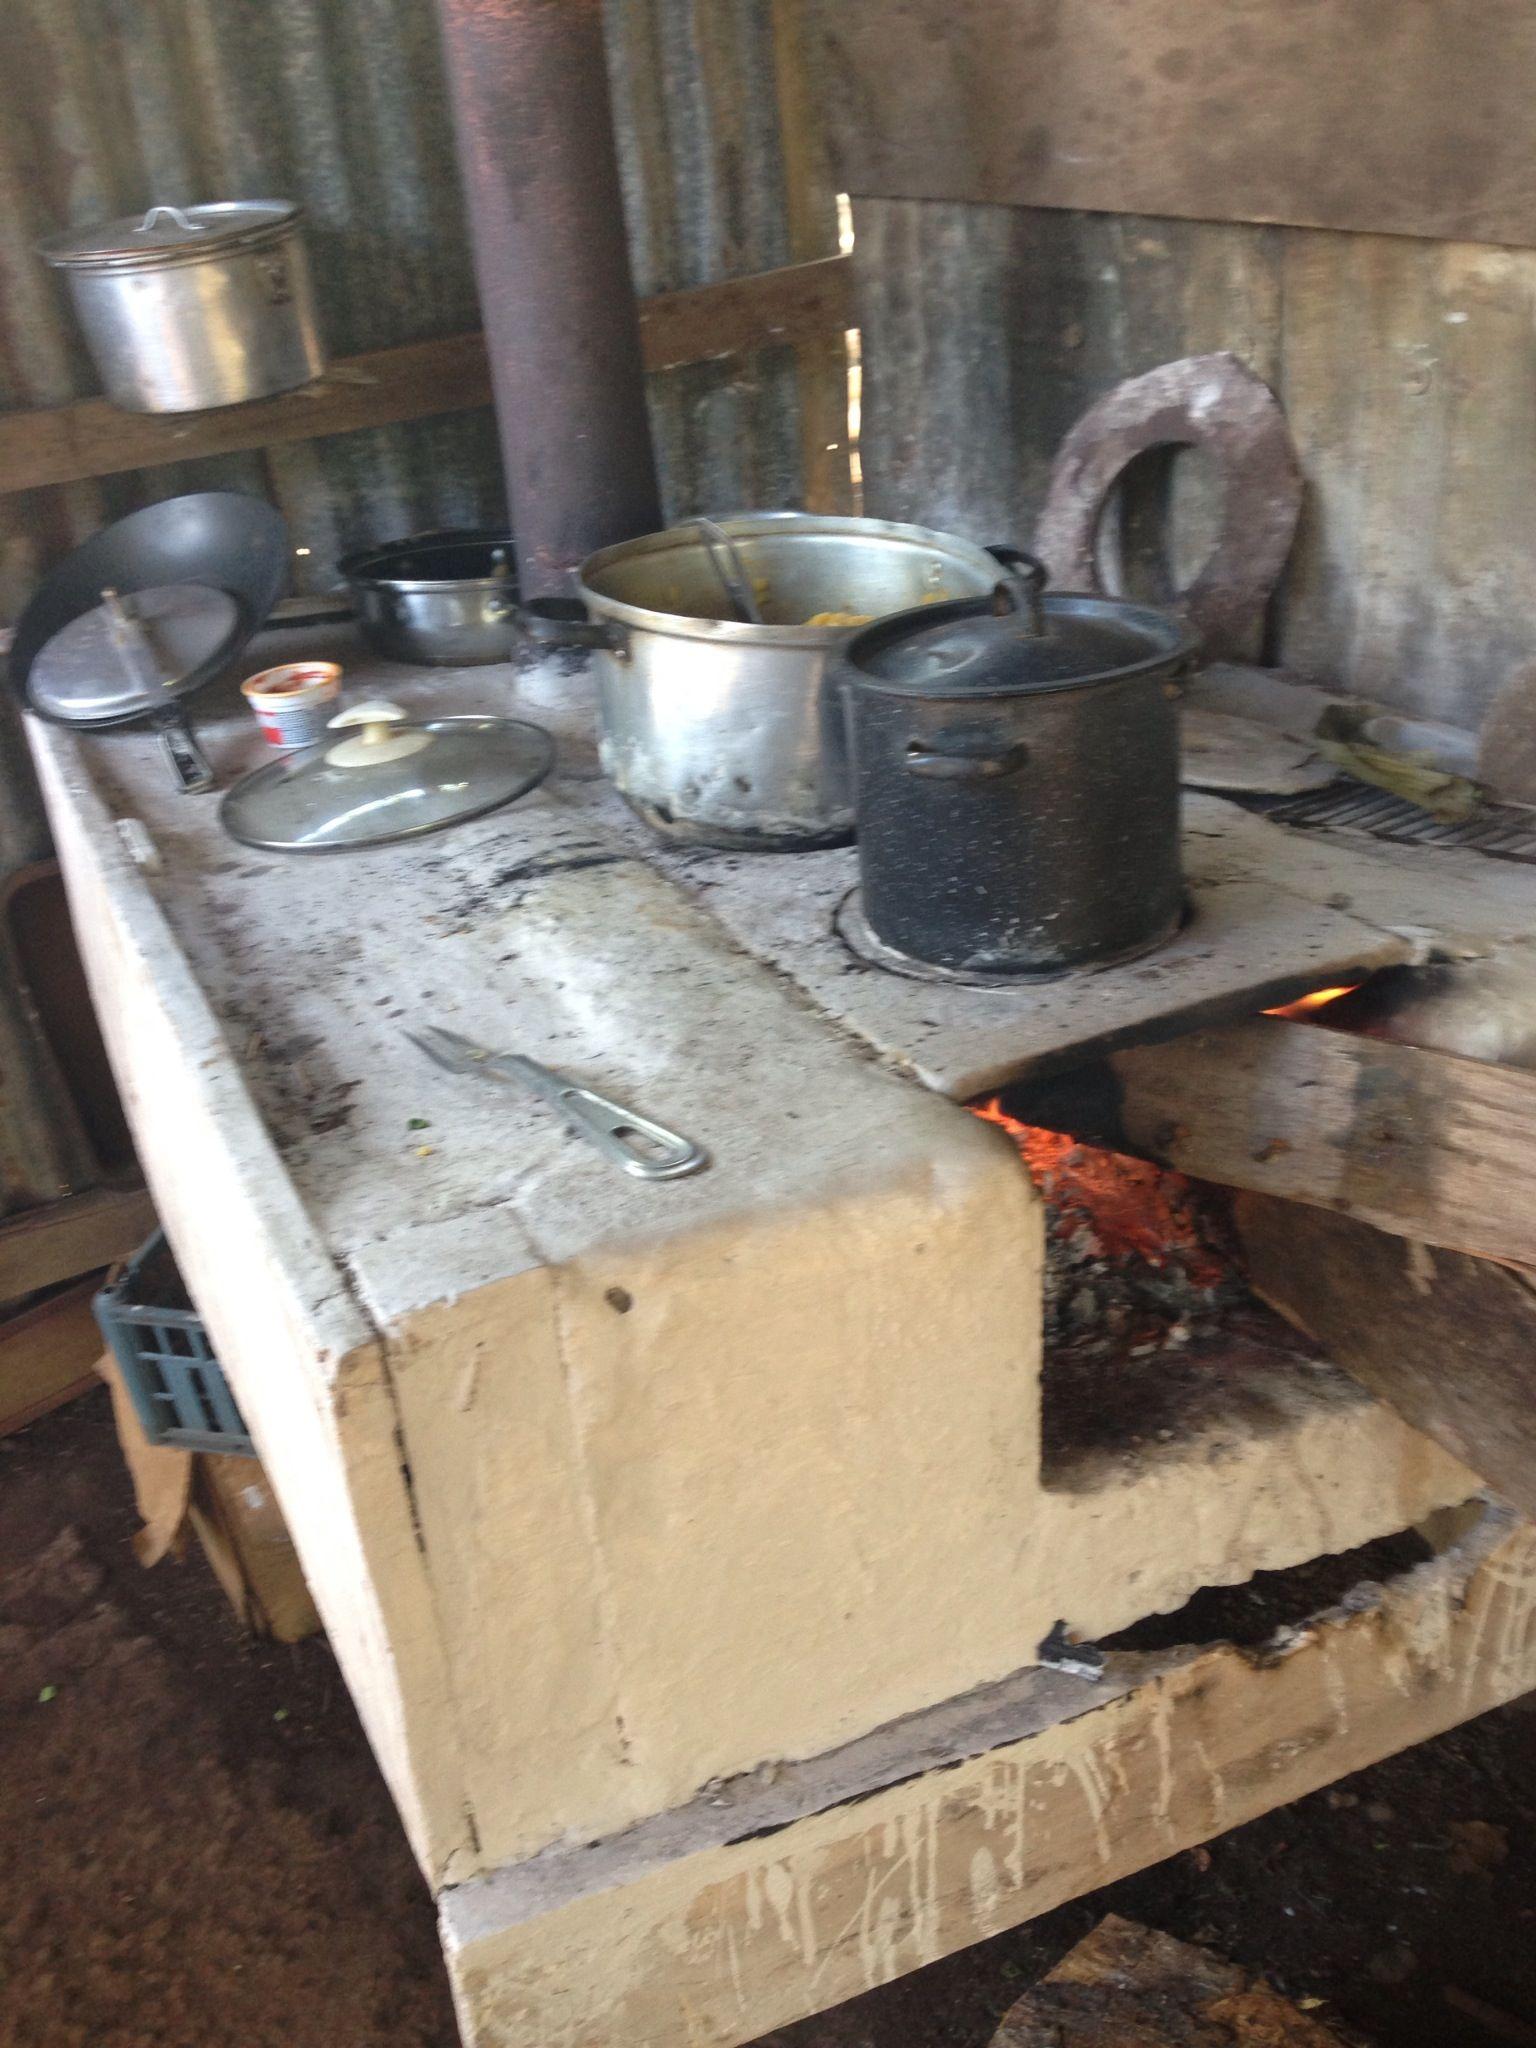 Cocina de le a de mi abuela chimeneas y calentadores en for Planos de cocina economica a lena